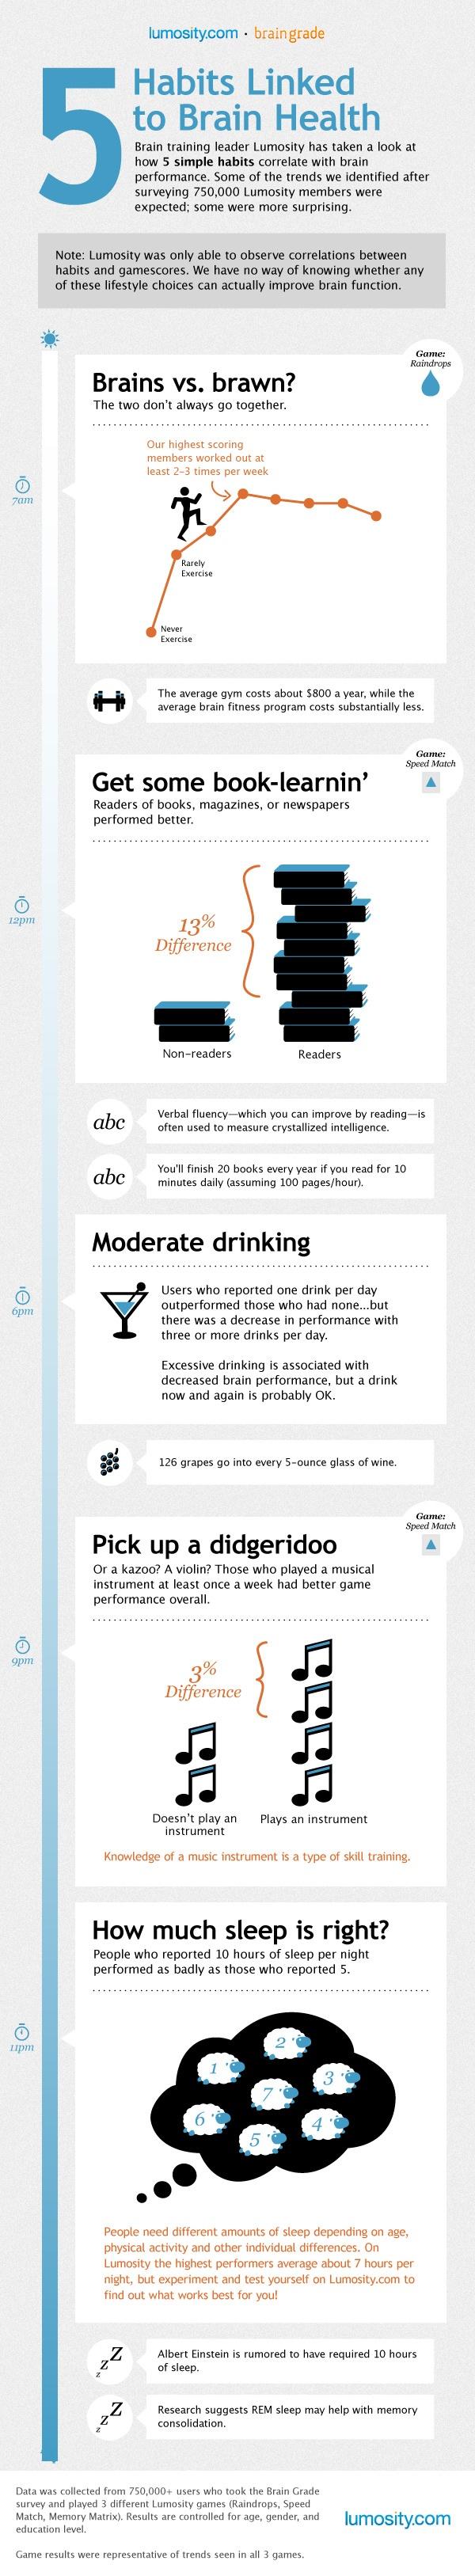 5 hábitos ligados a la salud de tu cerebro #infografia #infographic #health